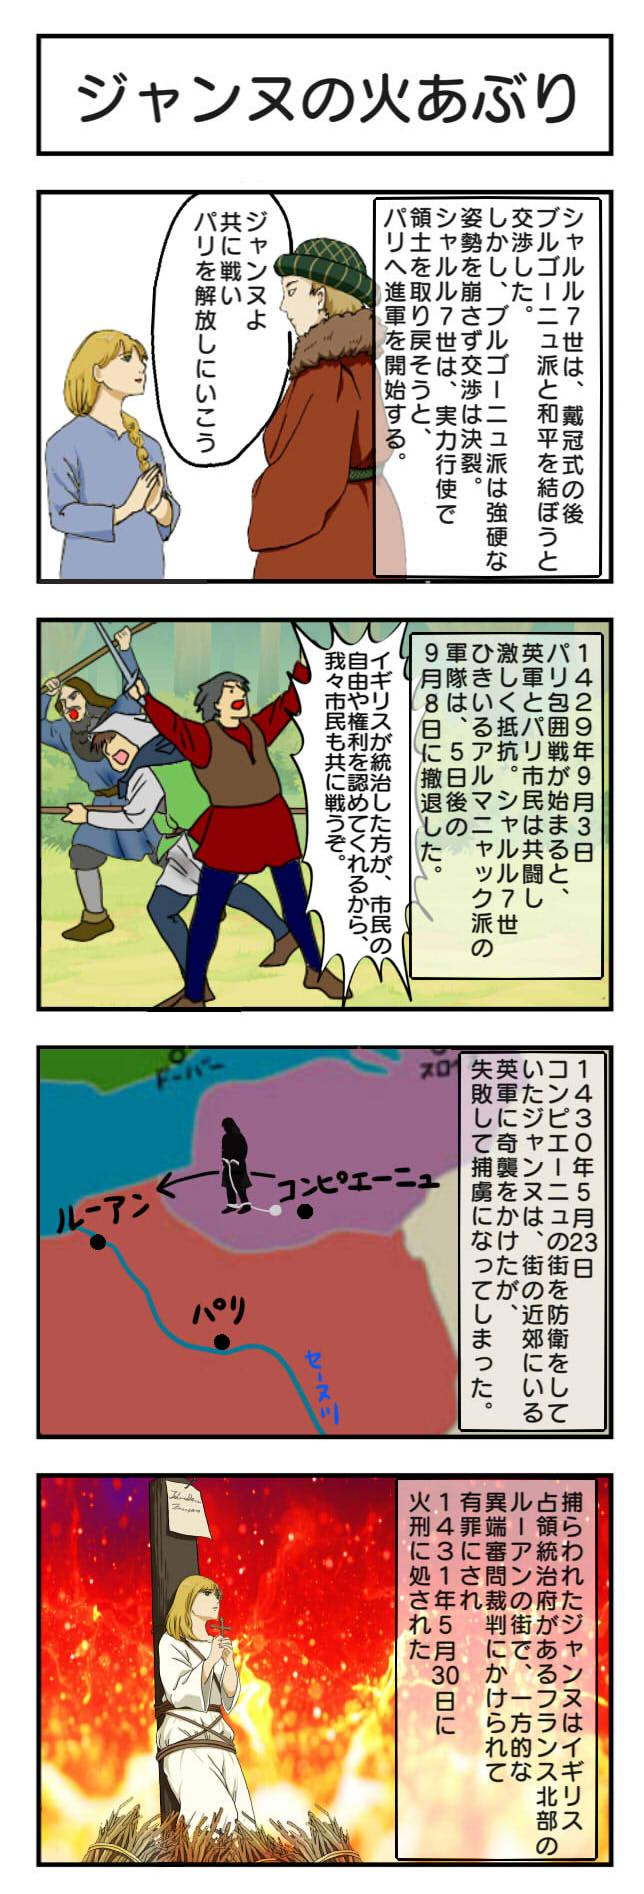 ジャンヌの火あぶり_4コマ漫画